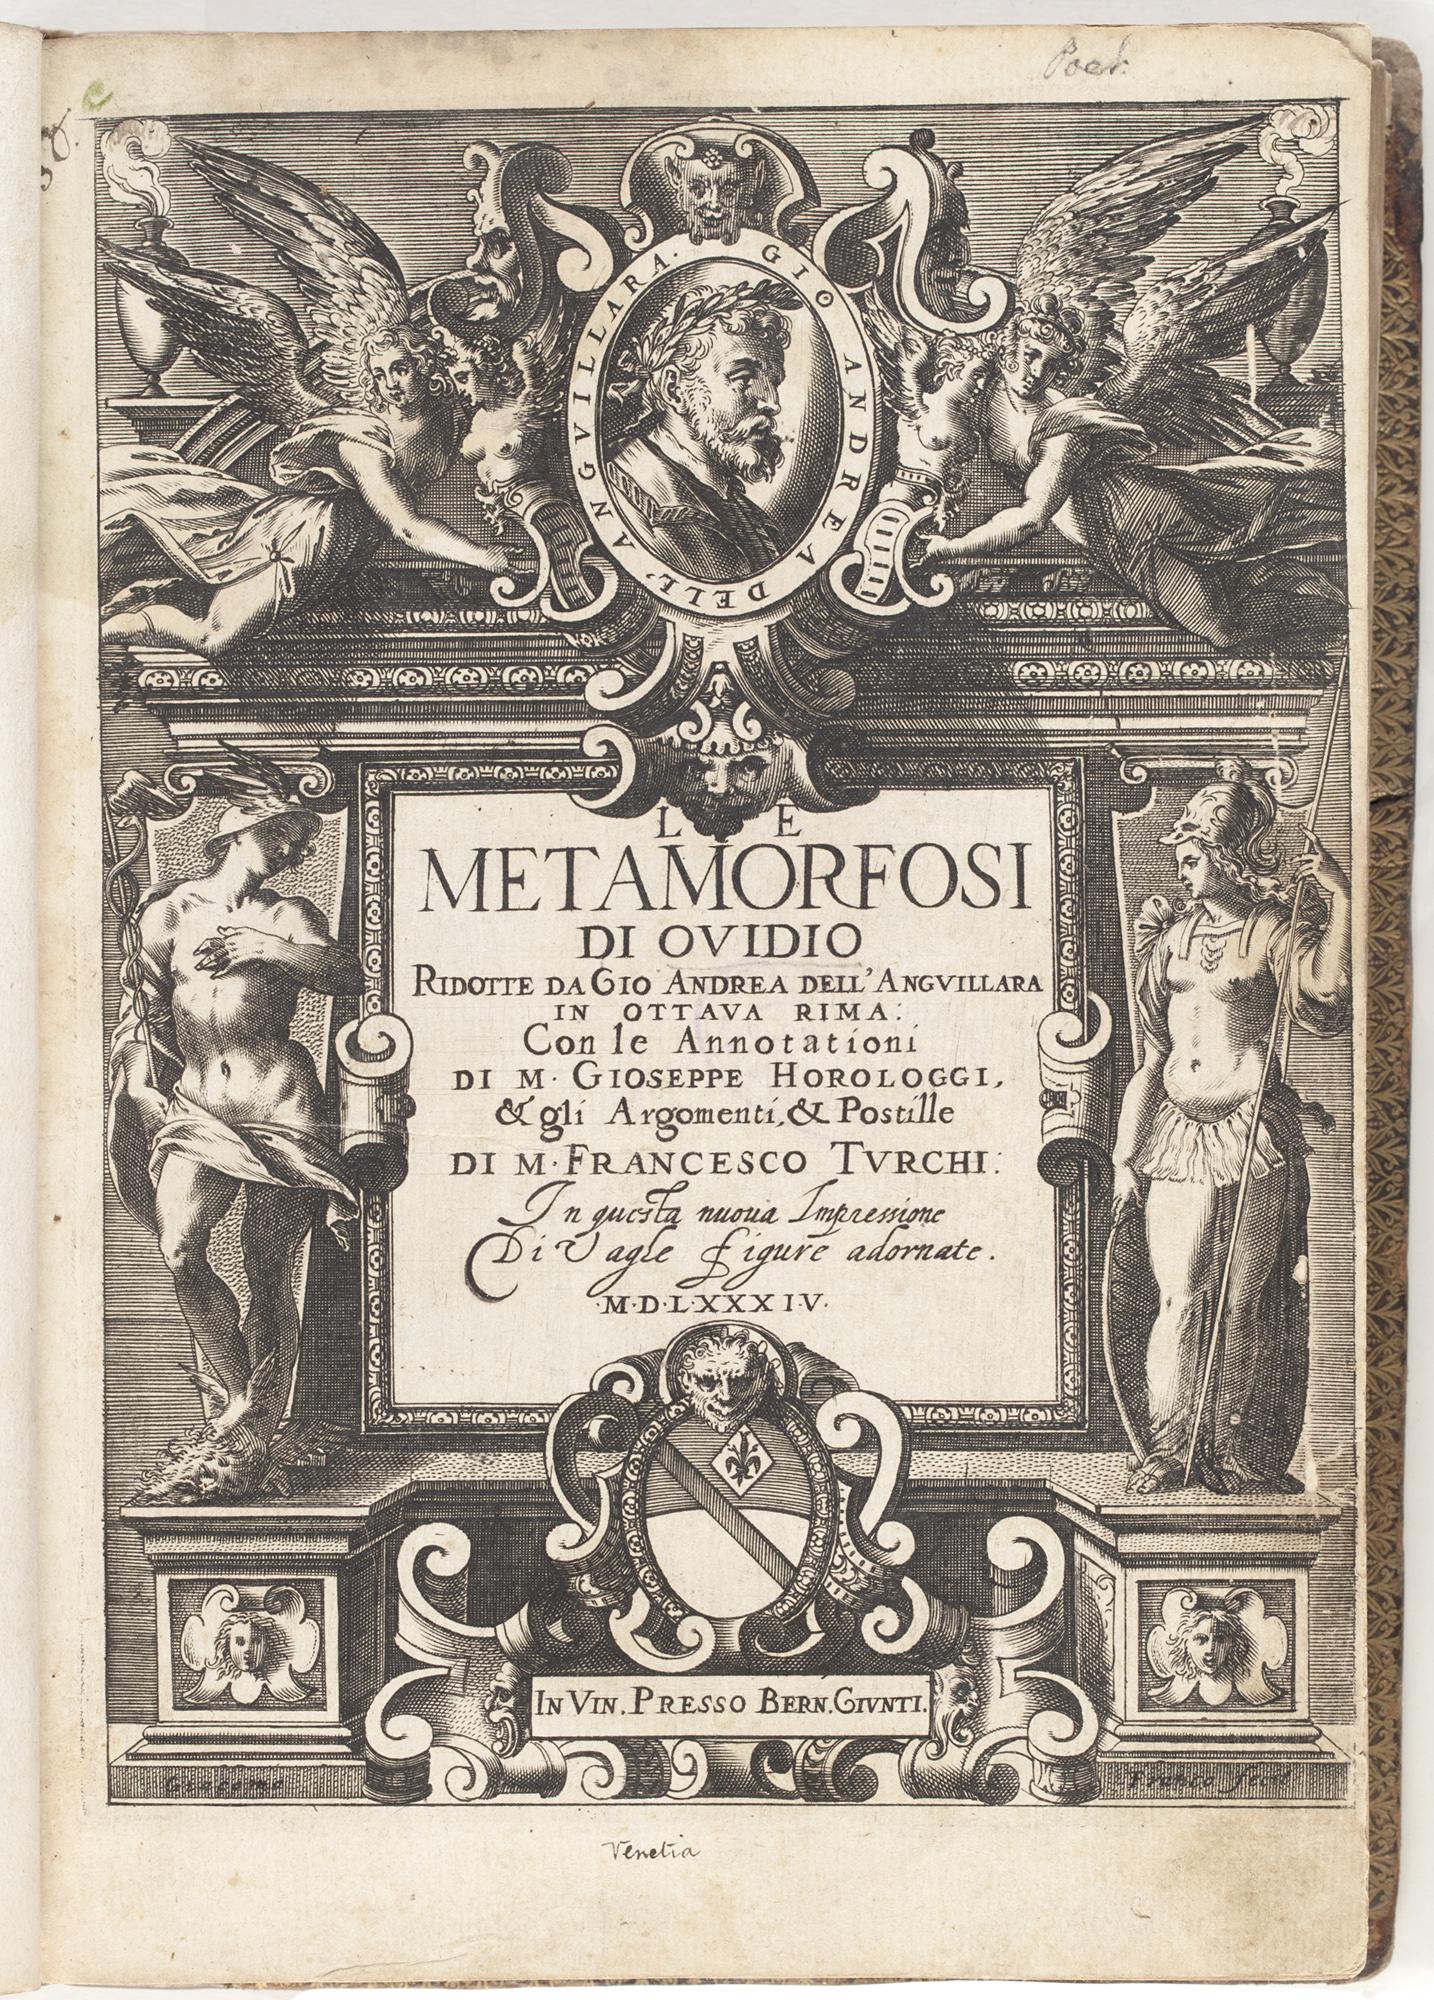 Le metamorfosi di Ovidio, 1584, by Ovid